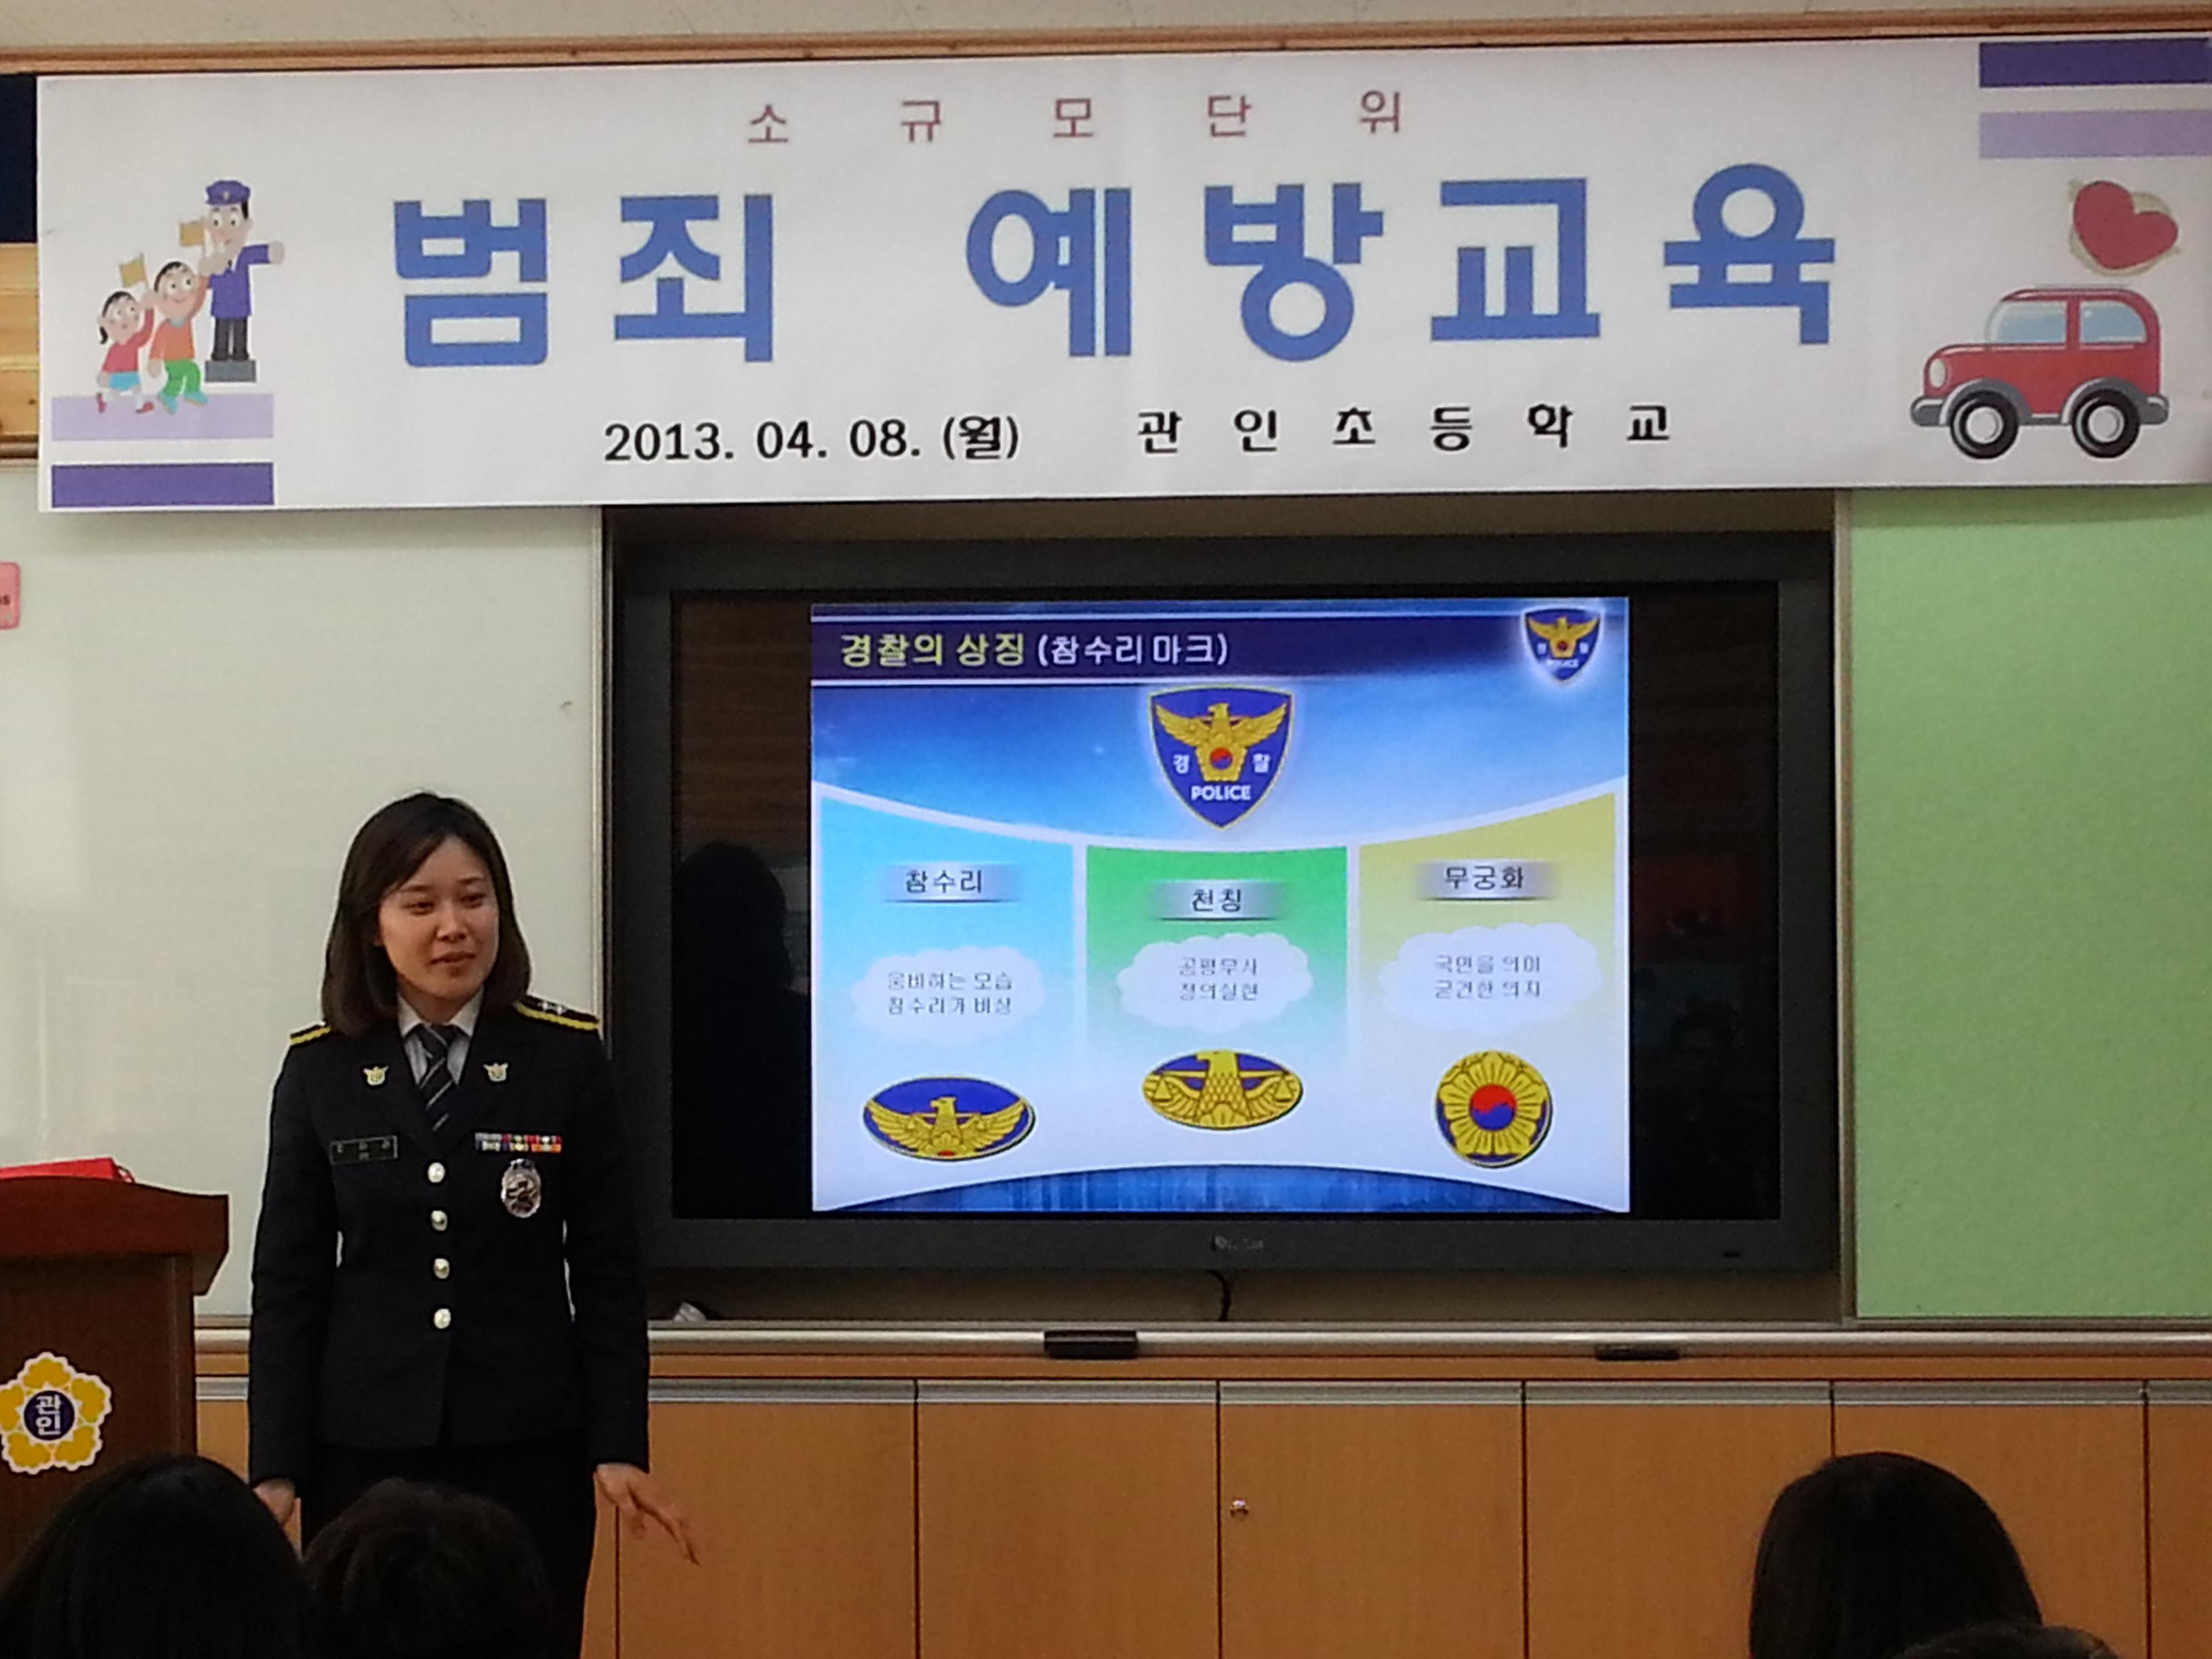 [일반] 2013.04.08 범죄예방교실~의 첨부이미지 1